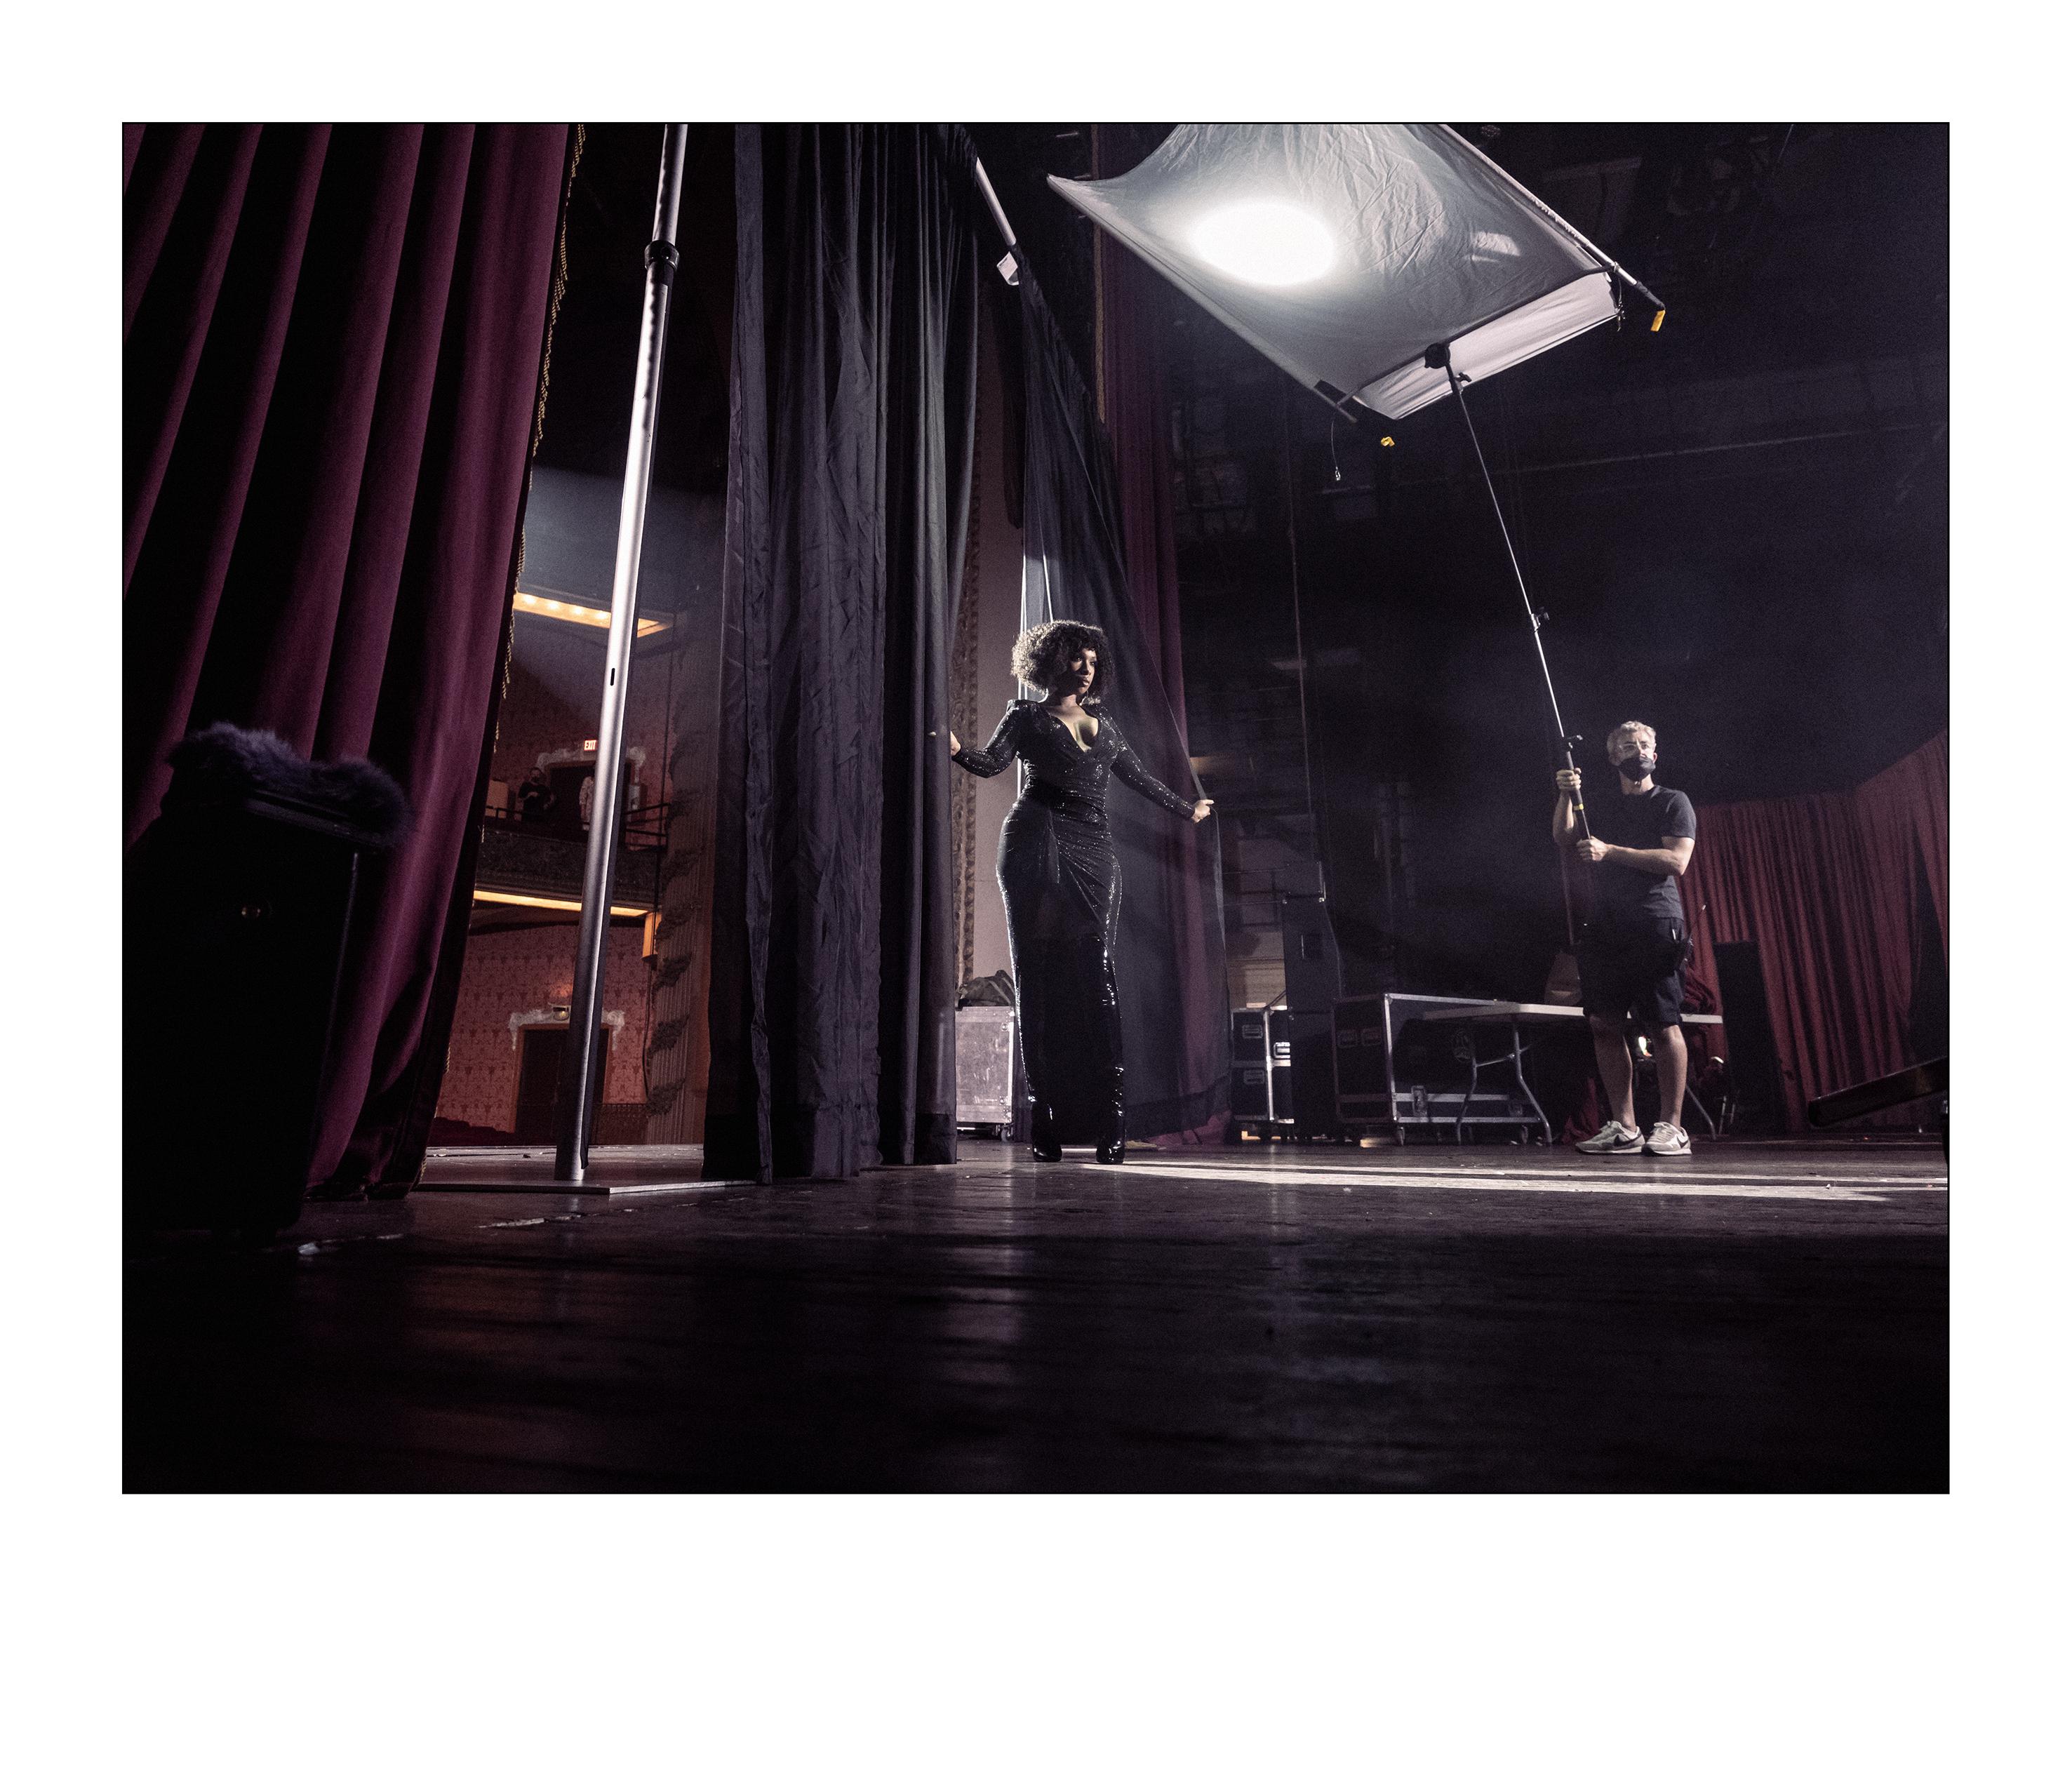 Jennifer Hudson nos bastidores do Calendário Pirelli 2022, de Bryan Adams (Foto: Alessandro Scotti)